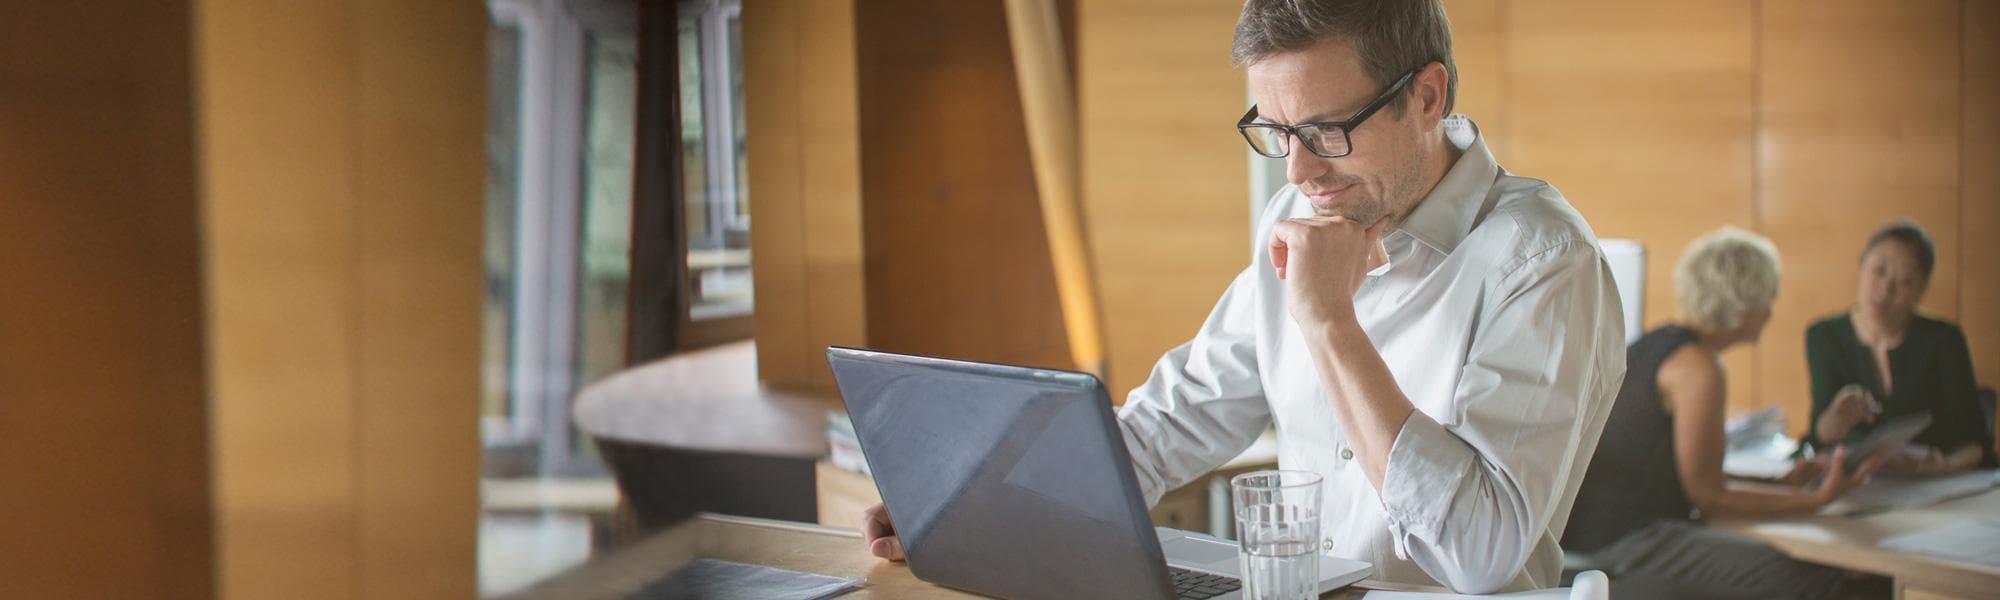 Se muestra a un hombre trabajando en una laptop en su escritorio